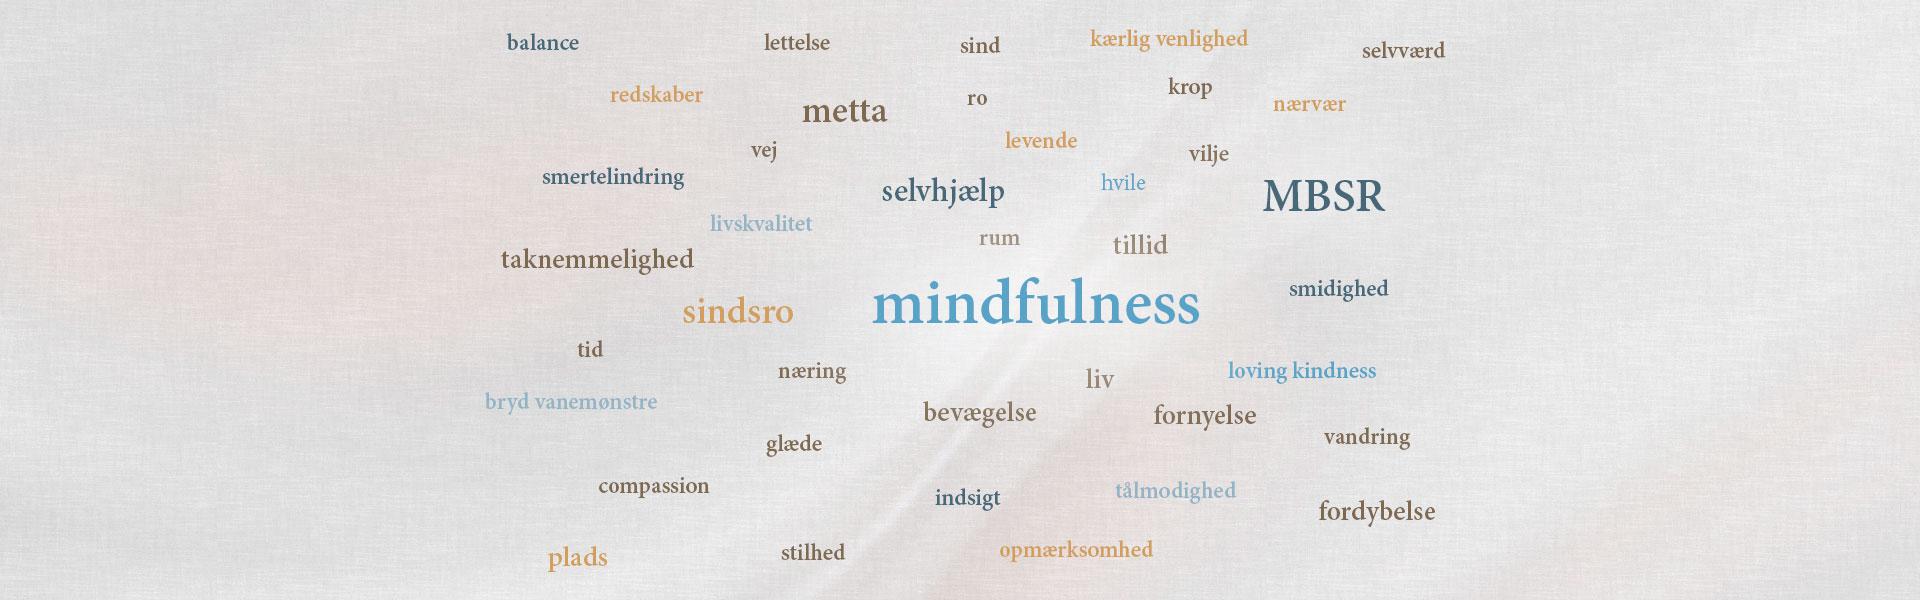 smertelindring, livskvalitet, lettelse, redskaber, selvhjælp, mindfulness, compassion, metta, kærlig venlighed, balance, loving kindness, indsigt, taknemmelighed, sindsro, næring, sind, krop, nærvær, stilhed, tillid, selvværd, opmærksomhed, plads, ro, rum, bevægelse, smidighed, tålmodighed, MBSR, liv, levende, vandring, hvile, vilje, vej, glæde, bryd vanemønstre, fornyelse, fordybelse, tid